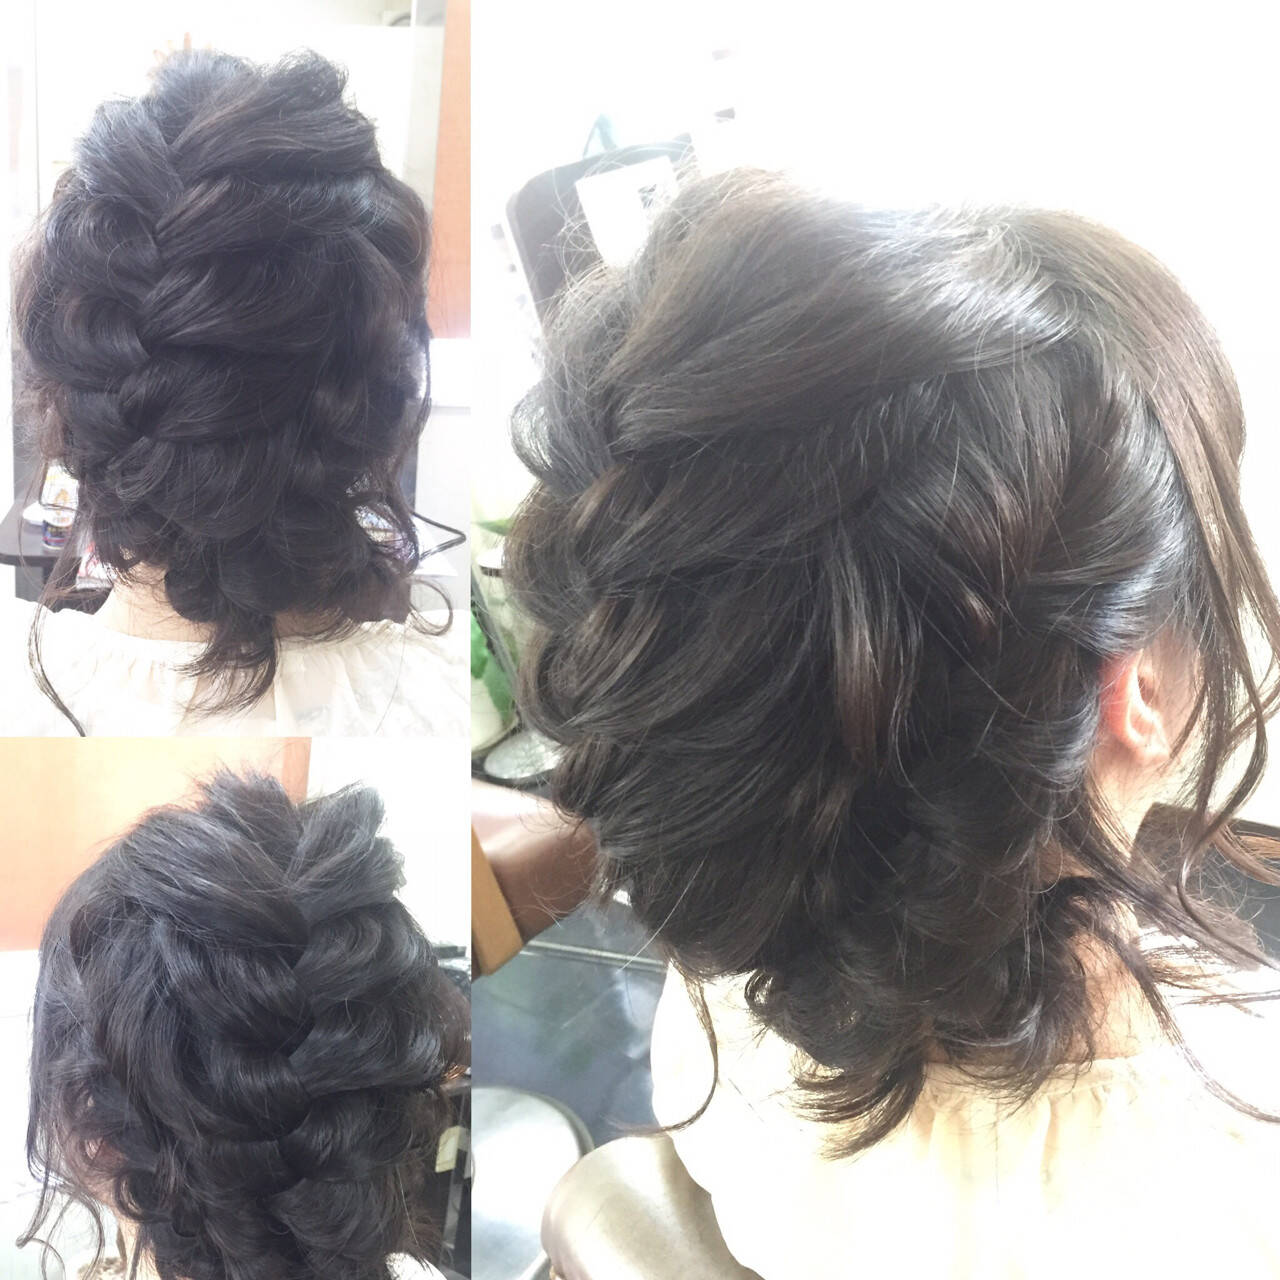 ミディアム ボブ 編み込み ヘアアレンジヘアスタイルや髪型の写真・画像